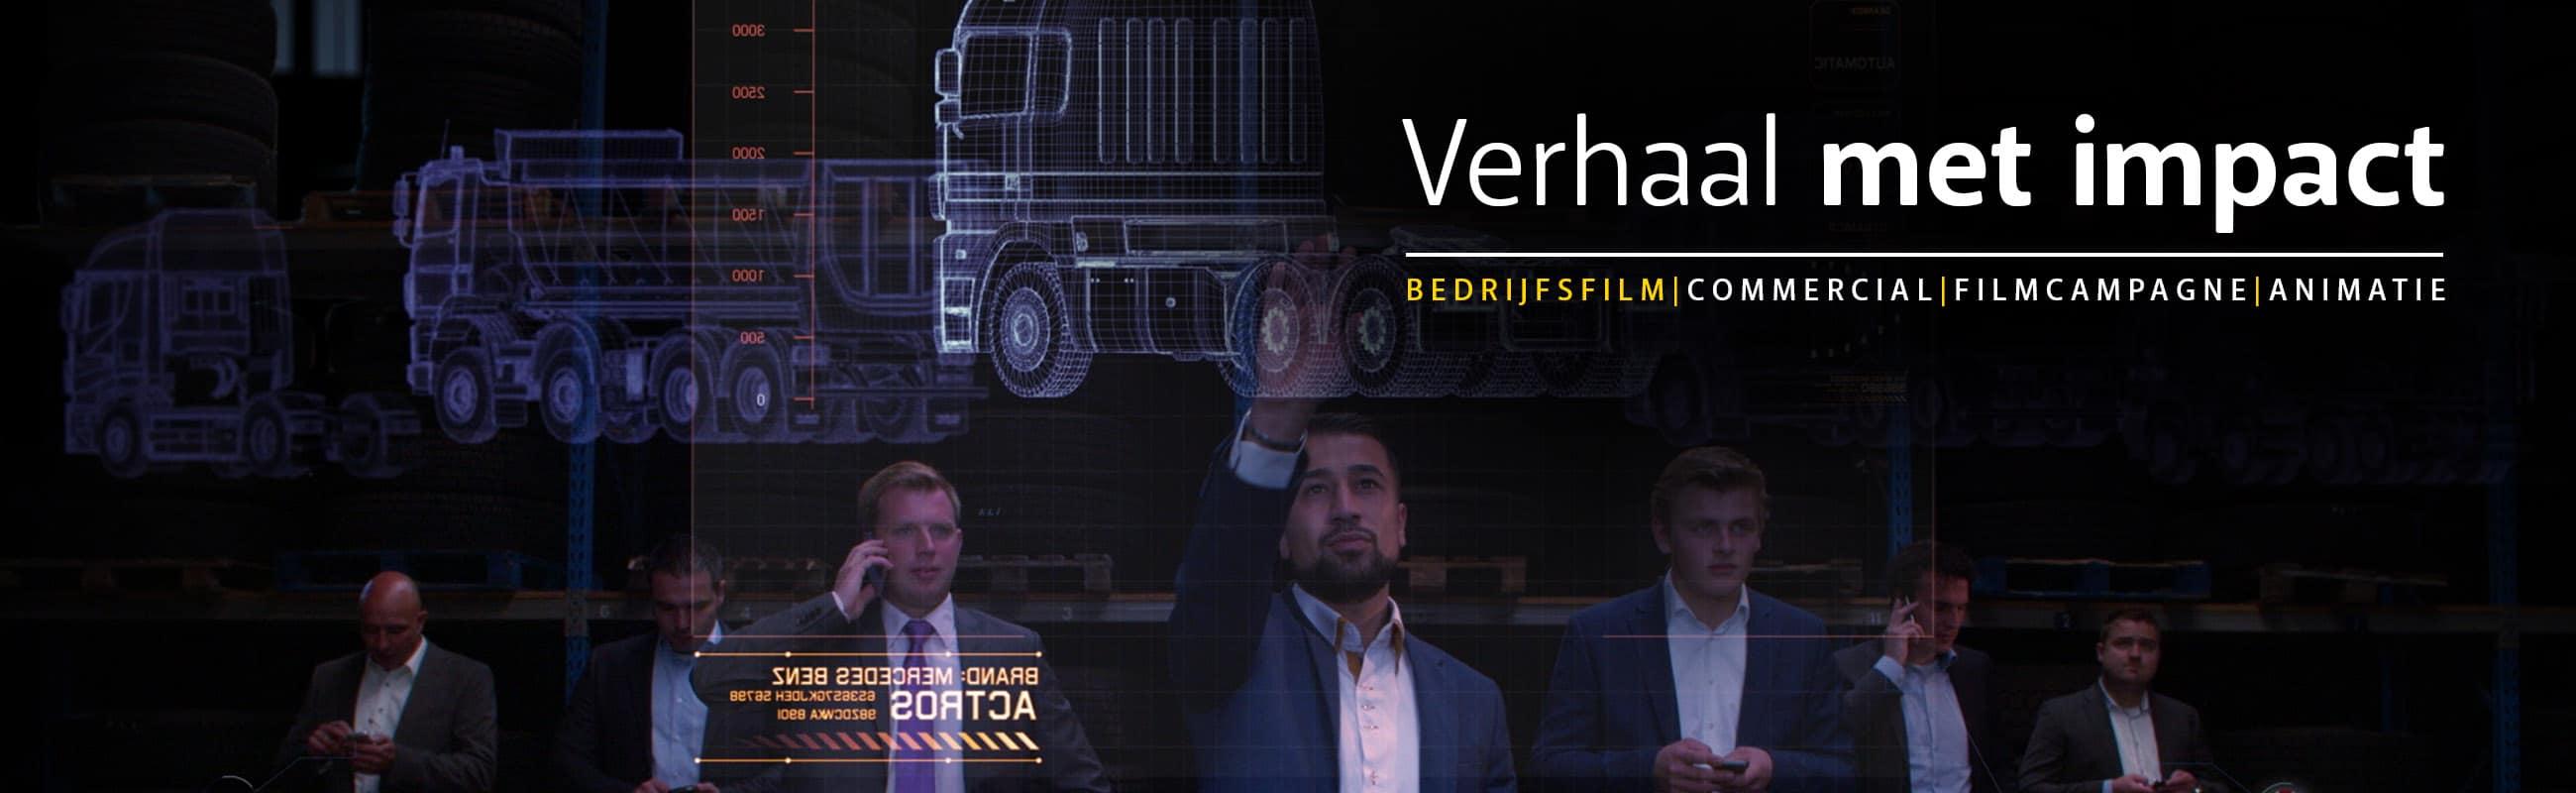 02.0 verhaal met impact bedrijfsfilm Apenzaken